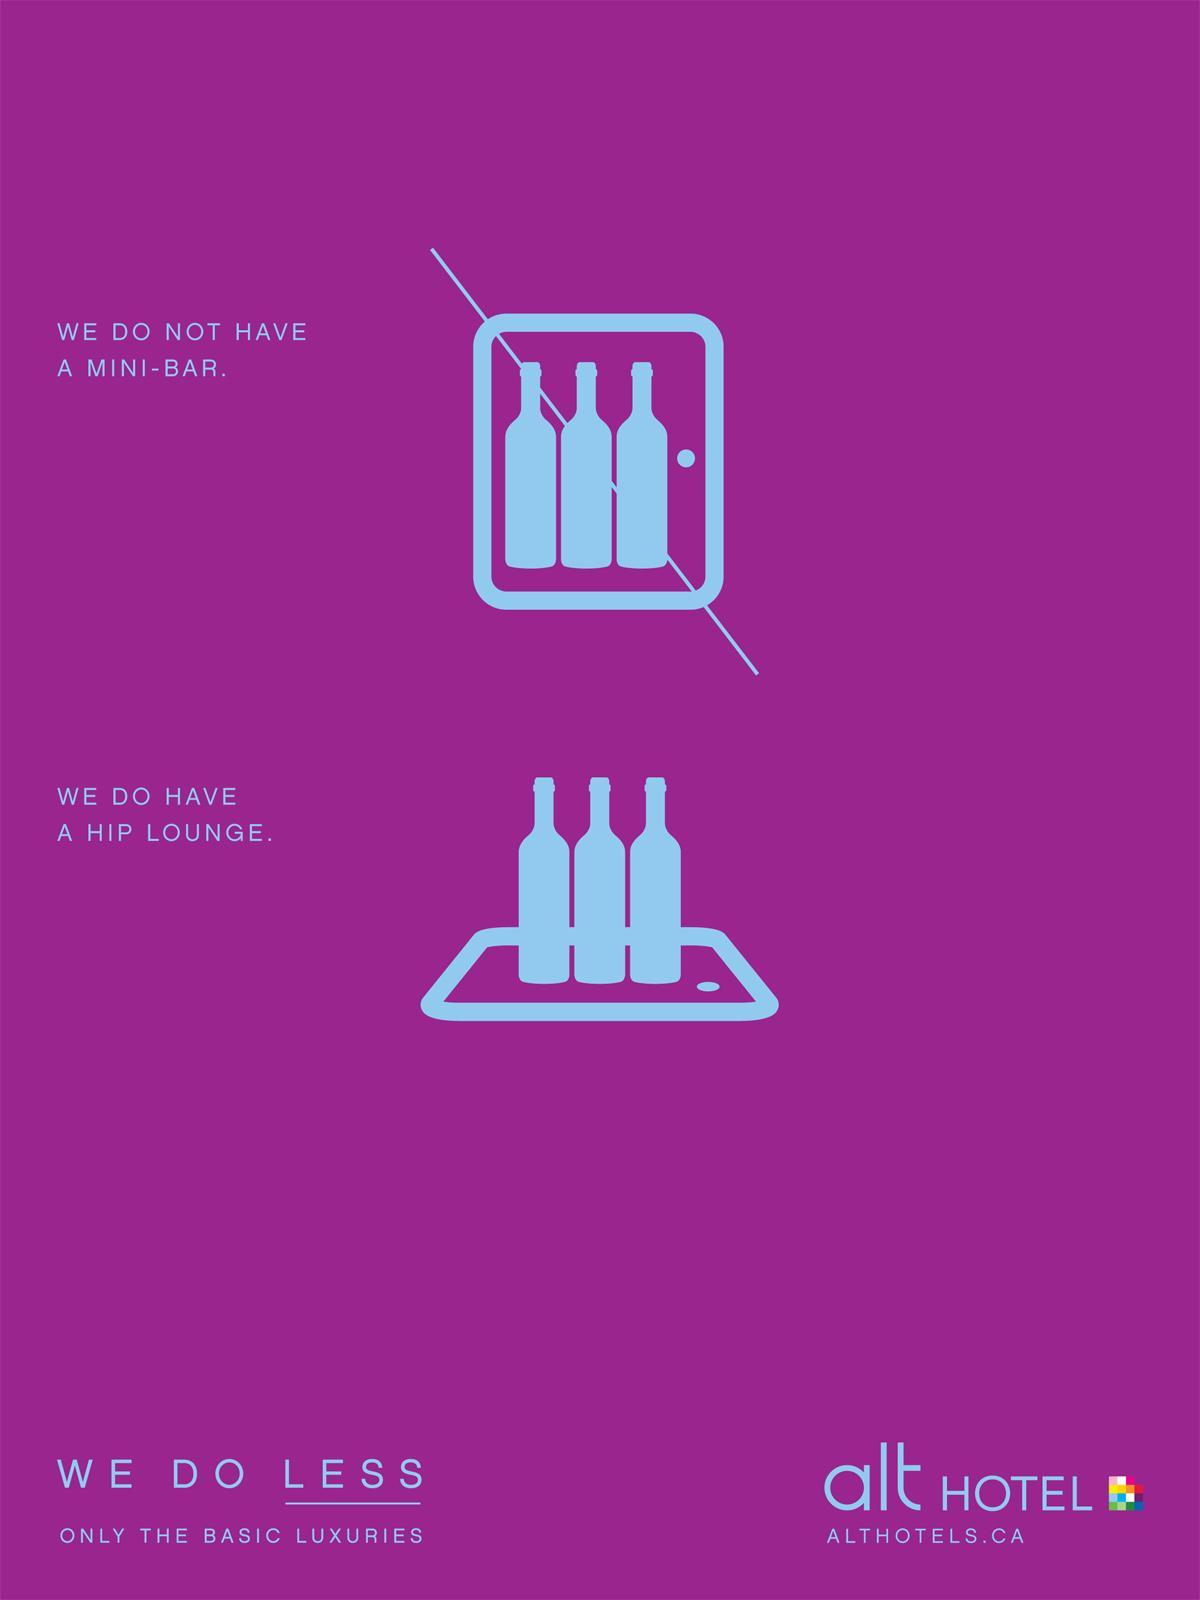 Alt Hotel Print Ad -  Mini-bar